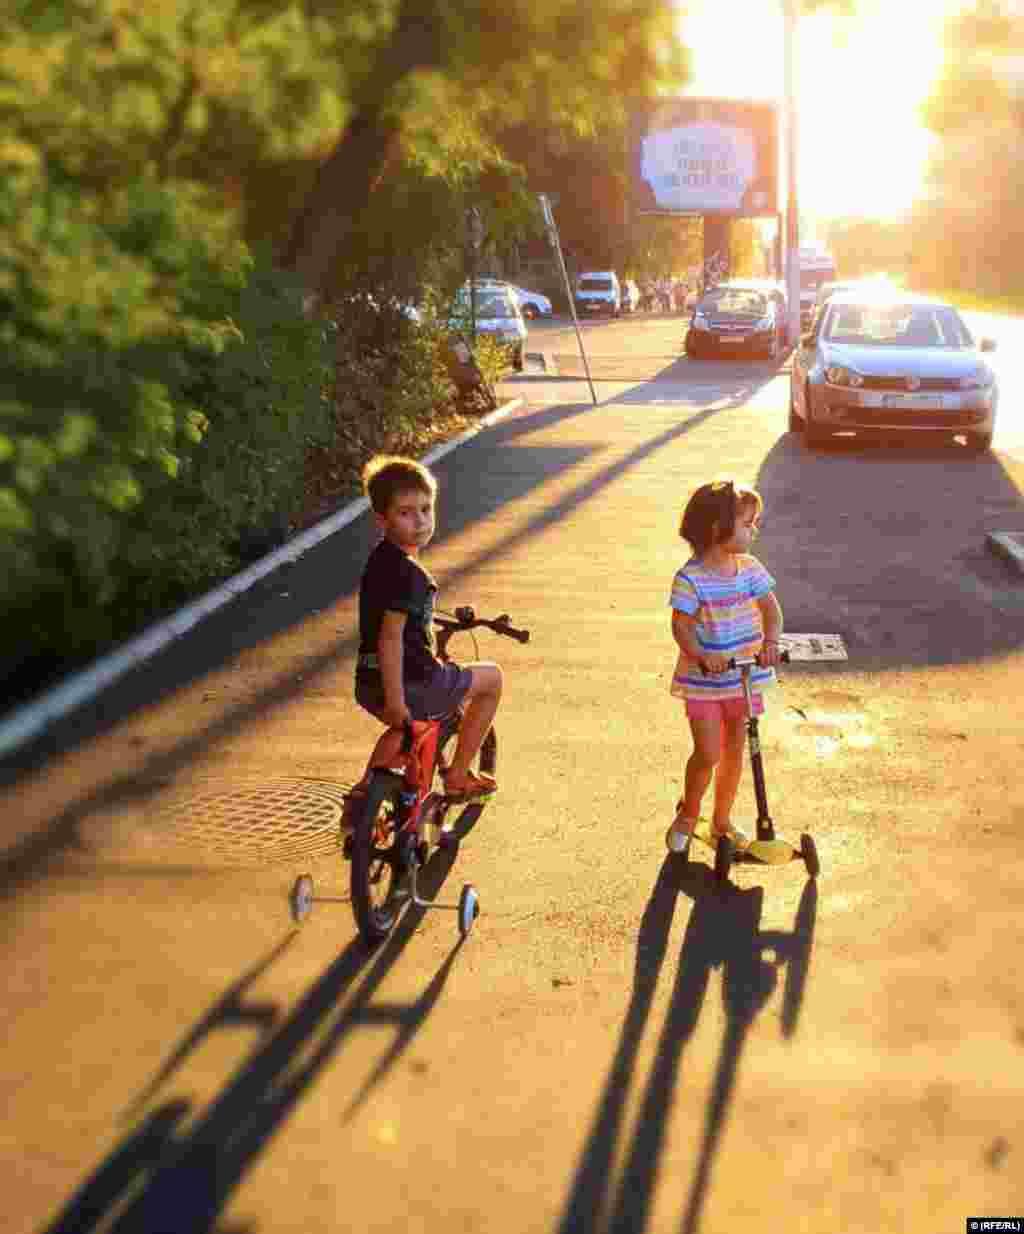 Copiii lui Mircea au 7 și 4 ani. Tatăl lor spune la Europa Liberă că dificultatea de a fi părinte, azi, în România, se simte în special după venirea celui de-al doilea copil.